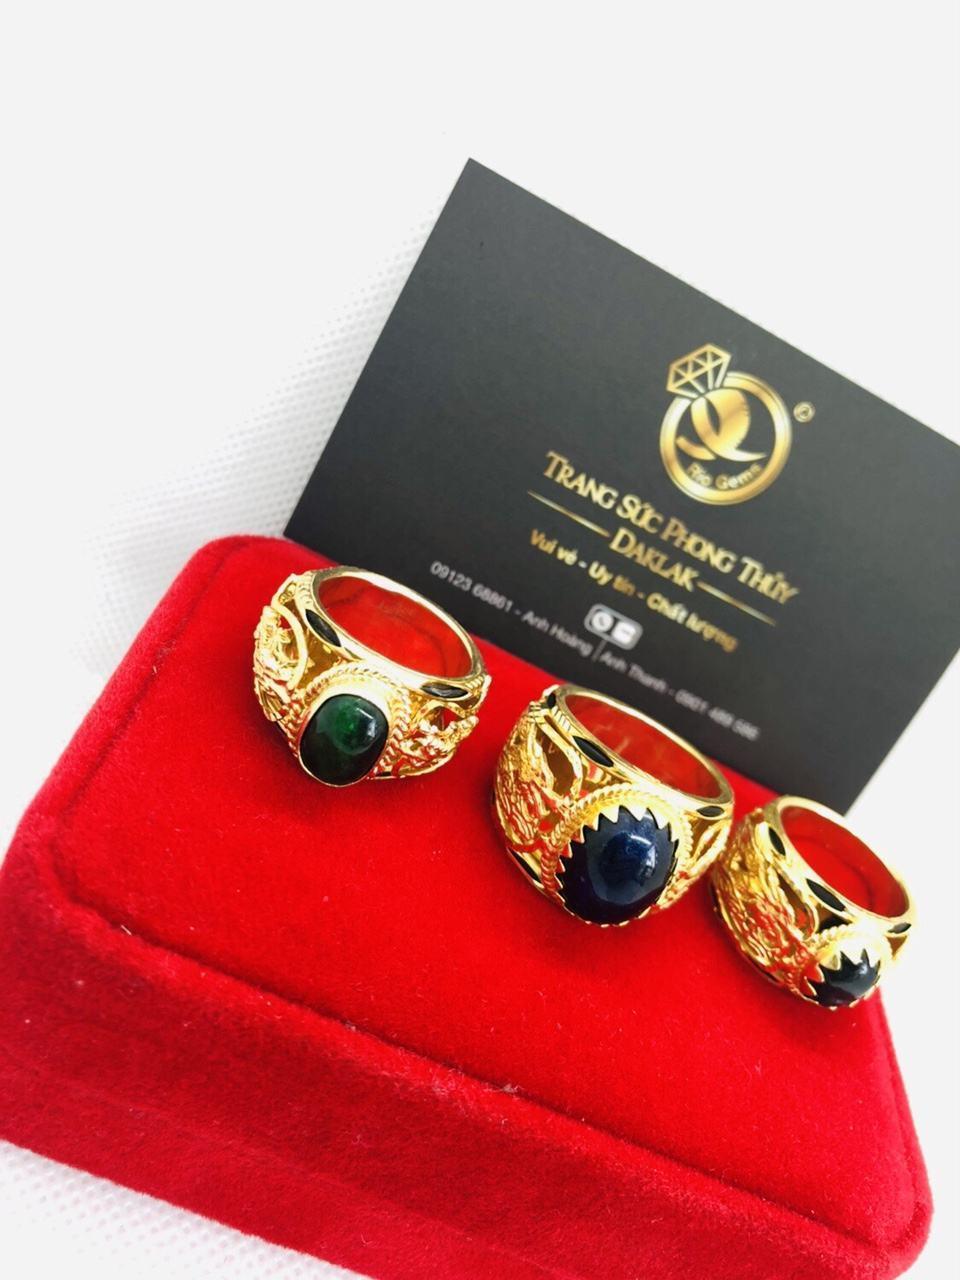 Nhẫn có lông voi song long đá Saphia tự nhiên vàng thật